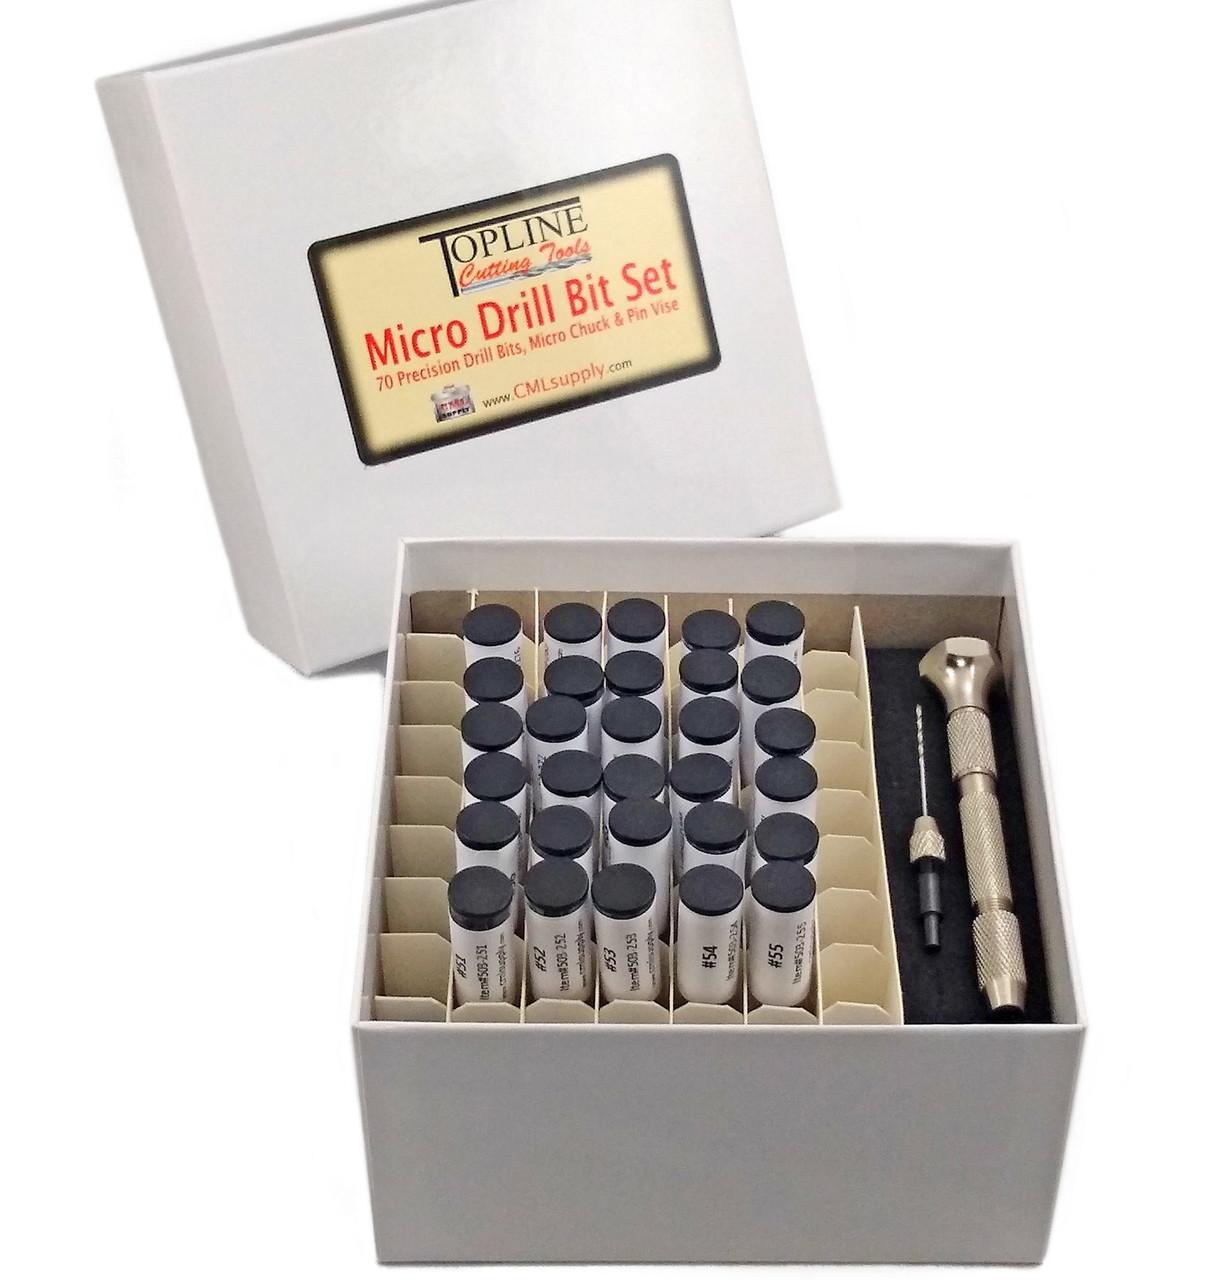 TopLine USA Micro Drill Bit #75 M2 HSS Black Finish 6pcs